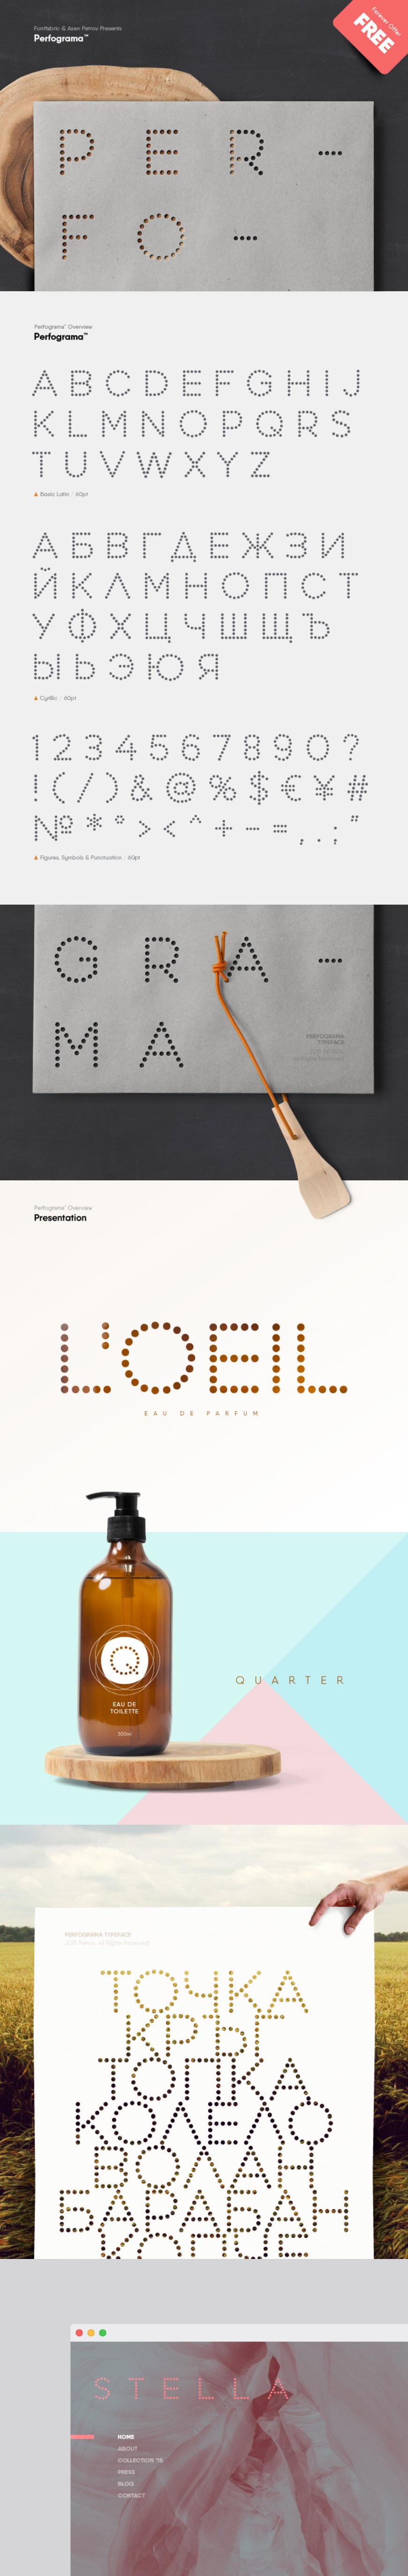 Perfograma free font - Fontfabric